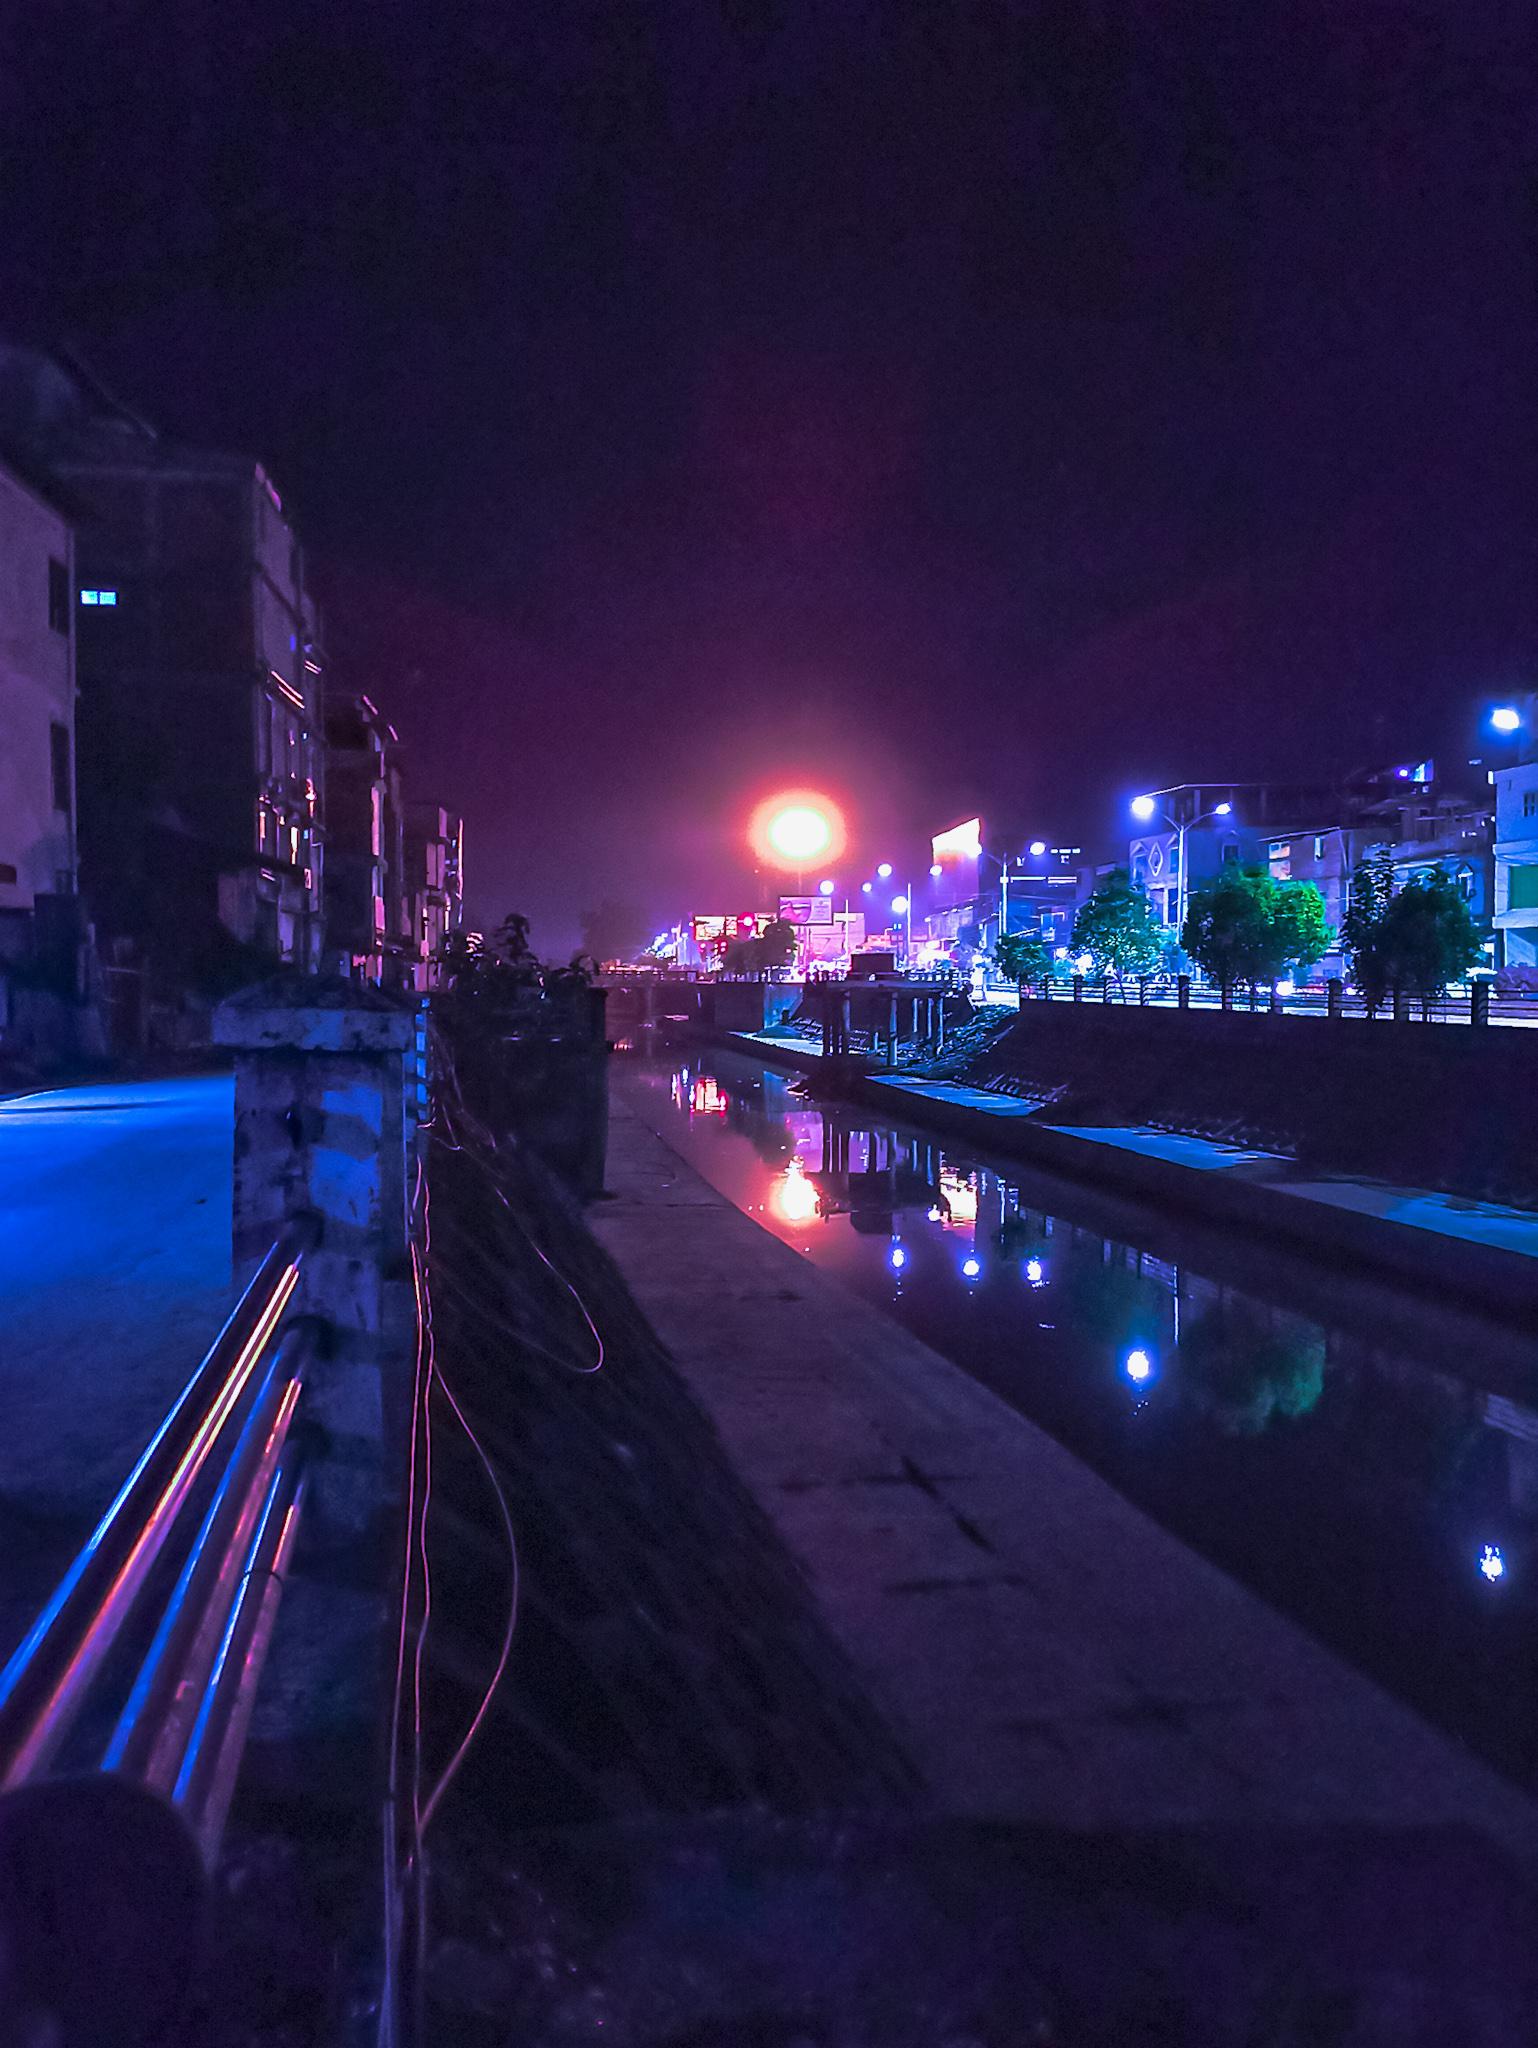 Nightlife view